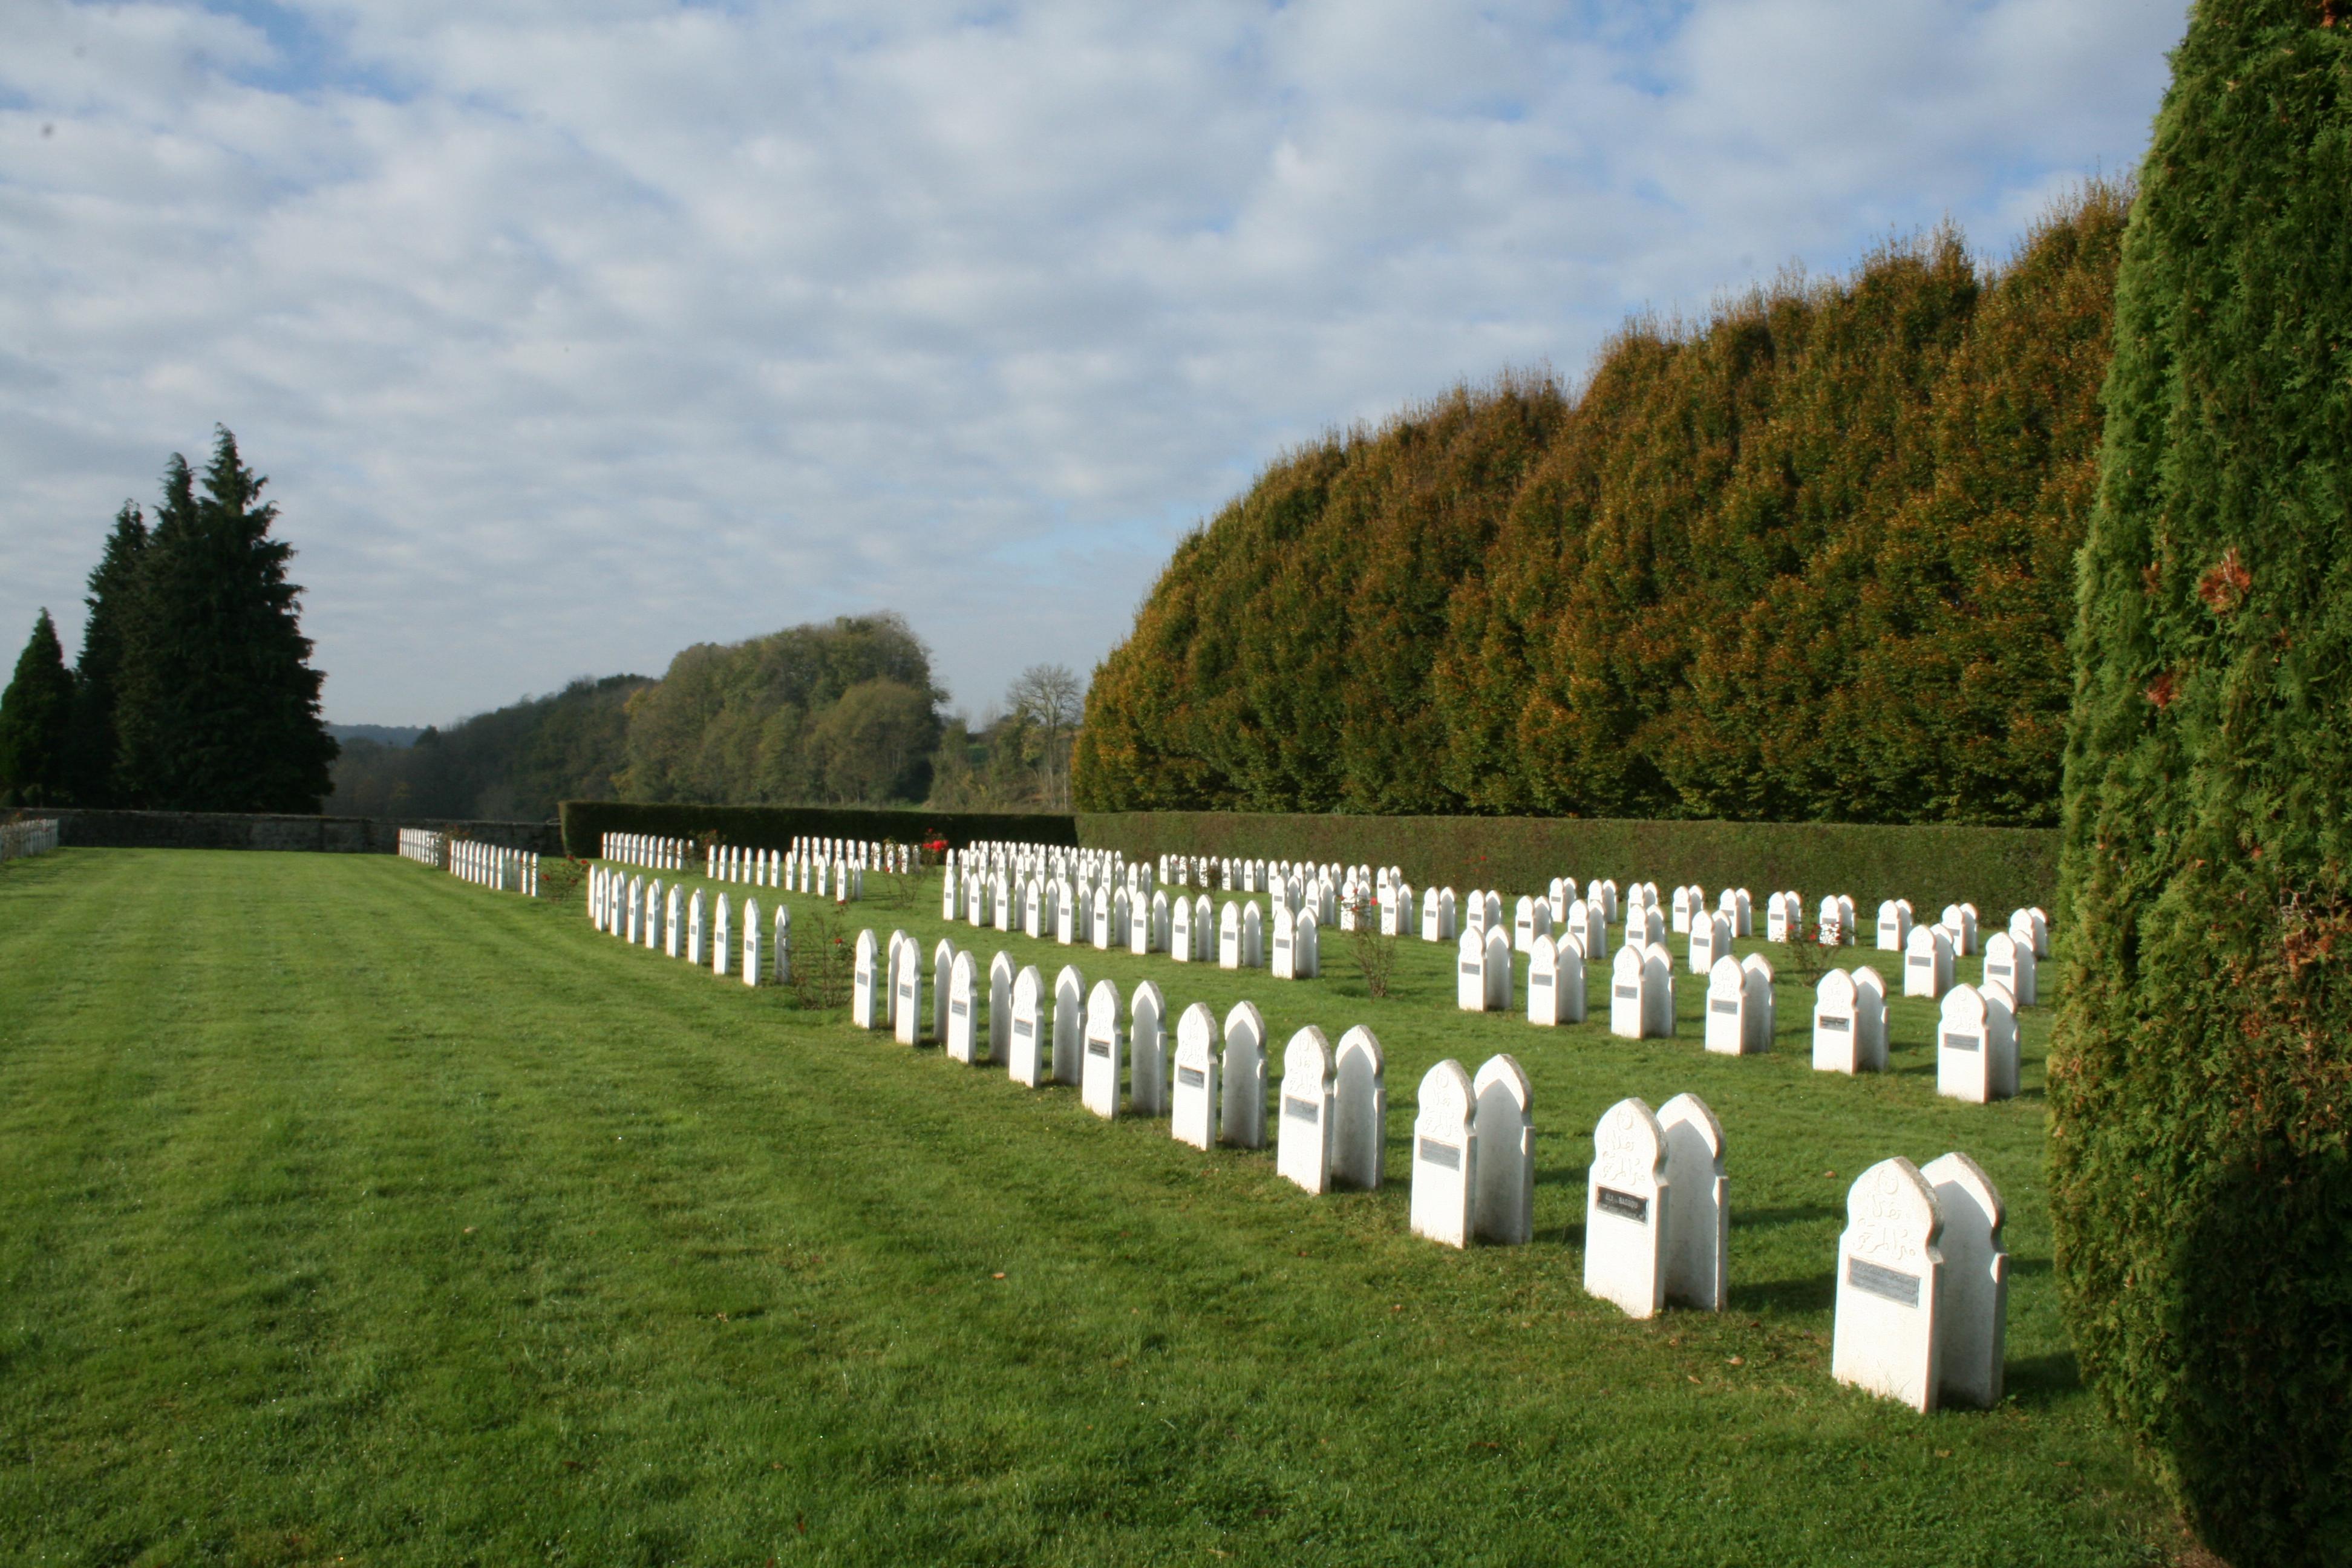 Description tombes musulmanes du cimetière militaire de rougemont